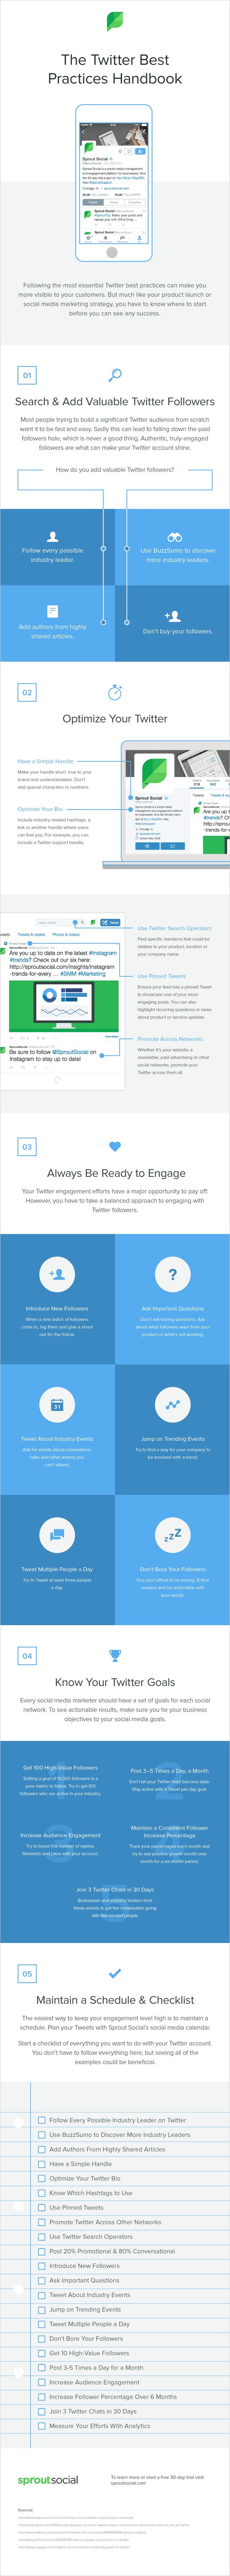 Twitter-Best-Practices